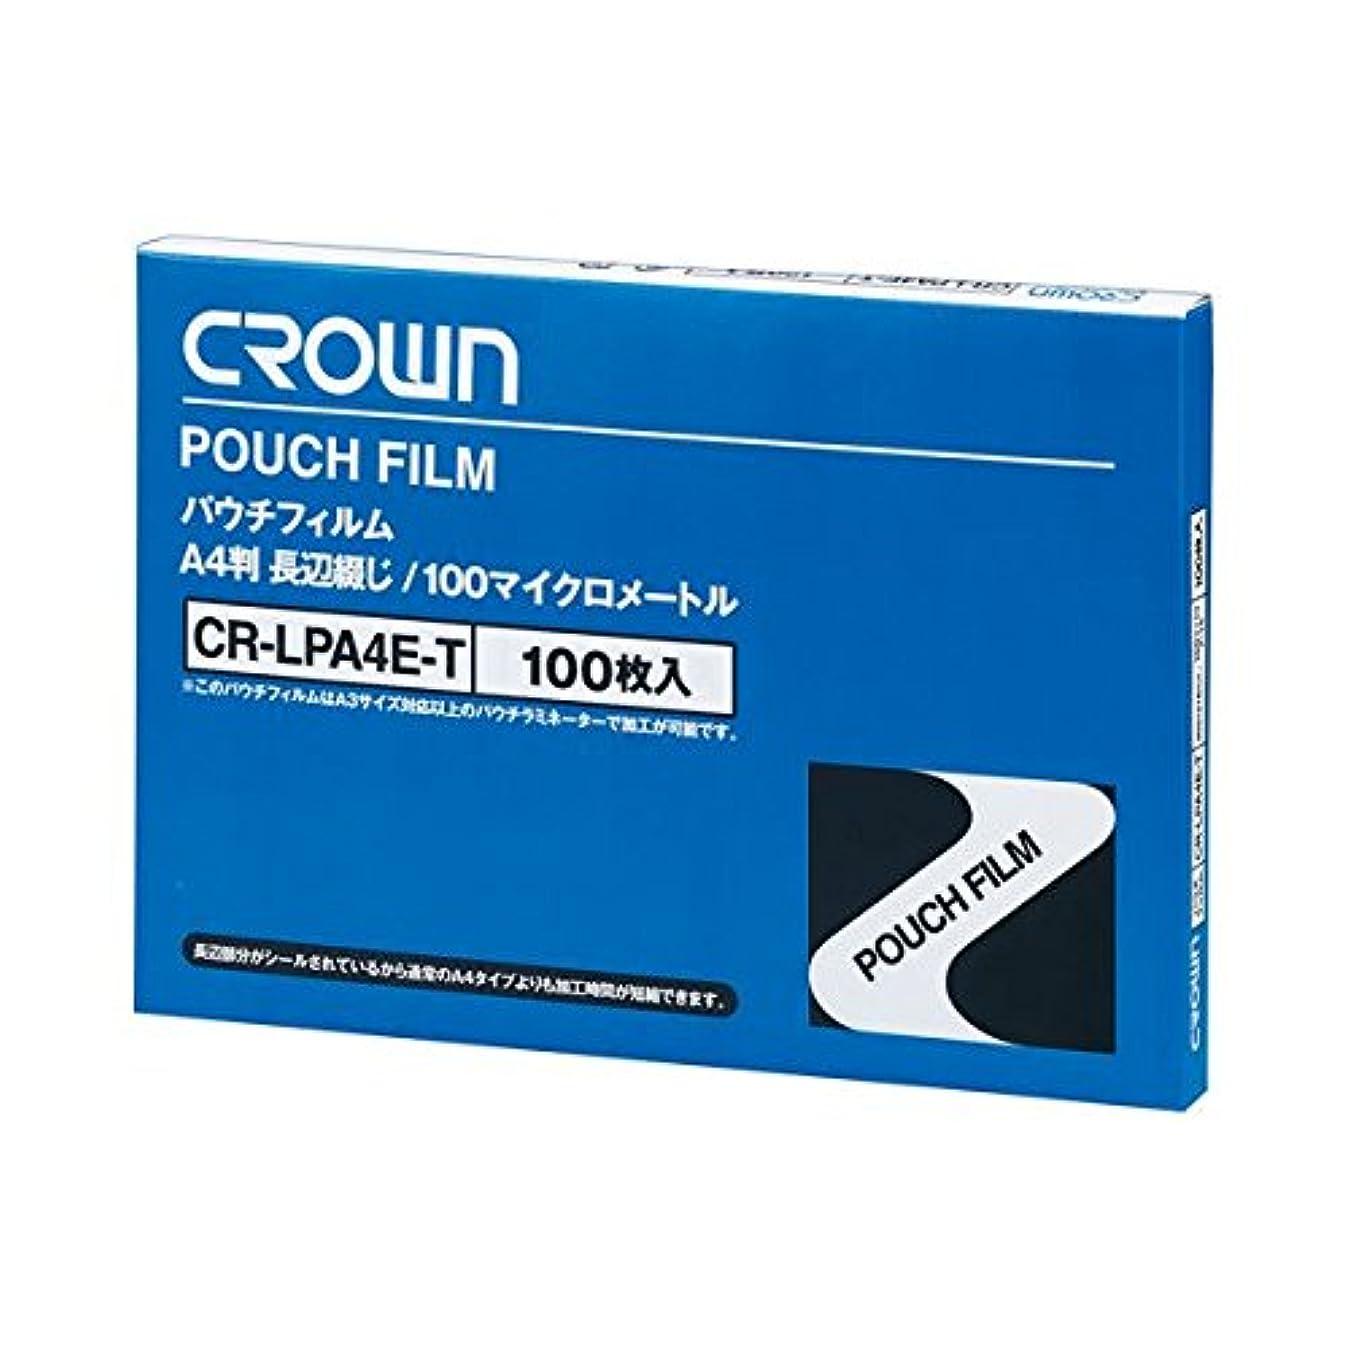 評価する家庭温室クラウン (業務用セット) パウチフィルム CR-LPA4E-T 100枚入 (×2セット)